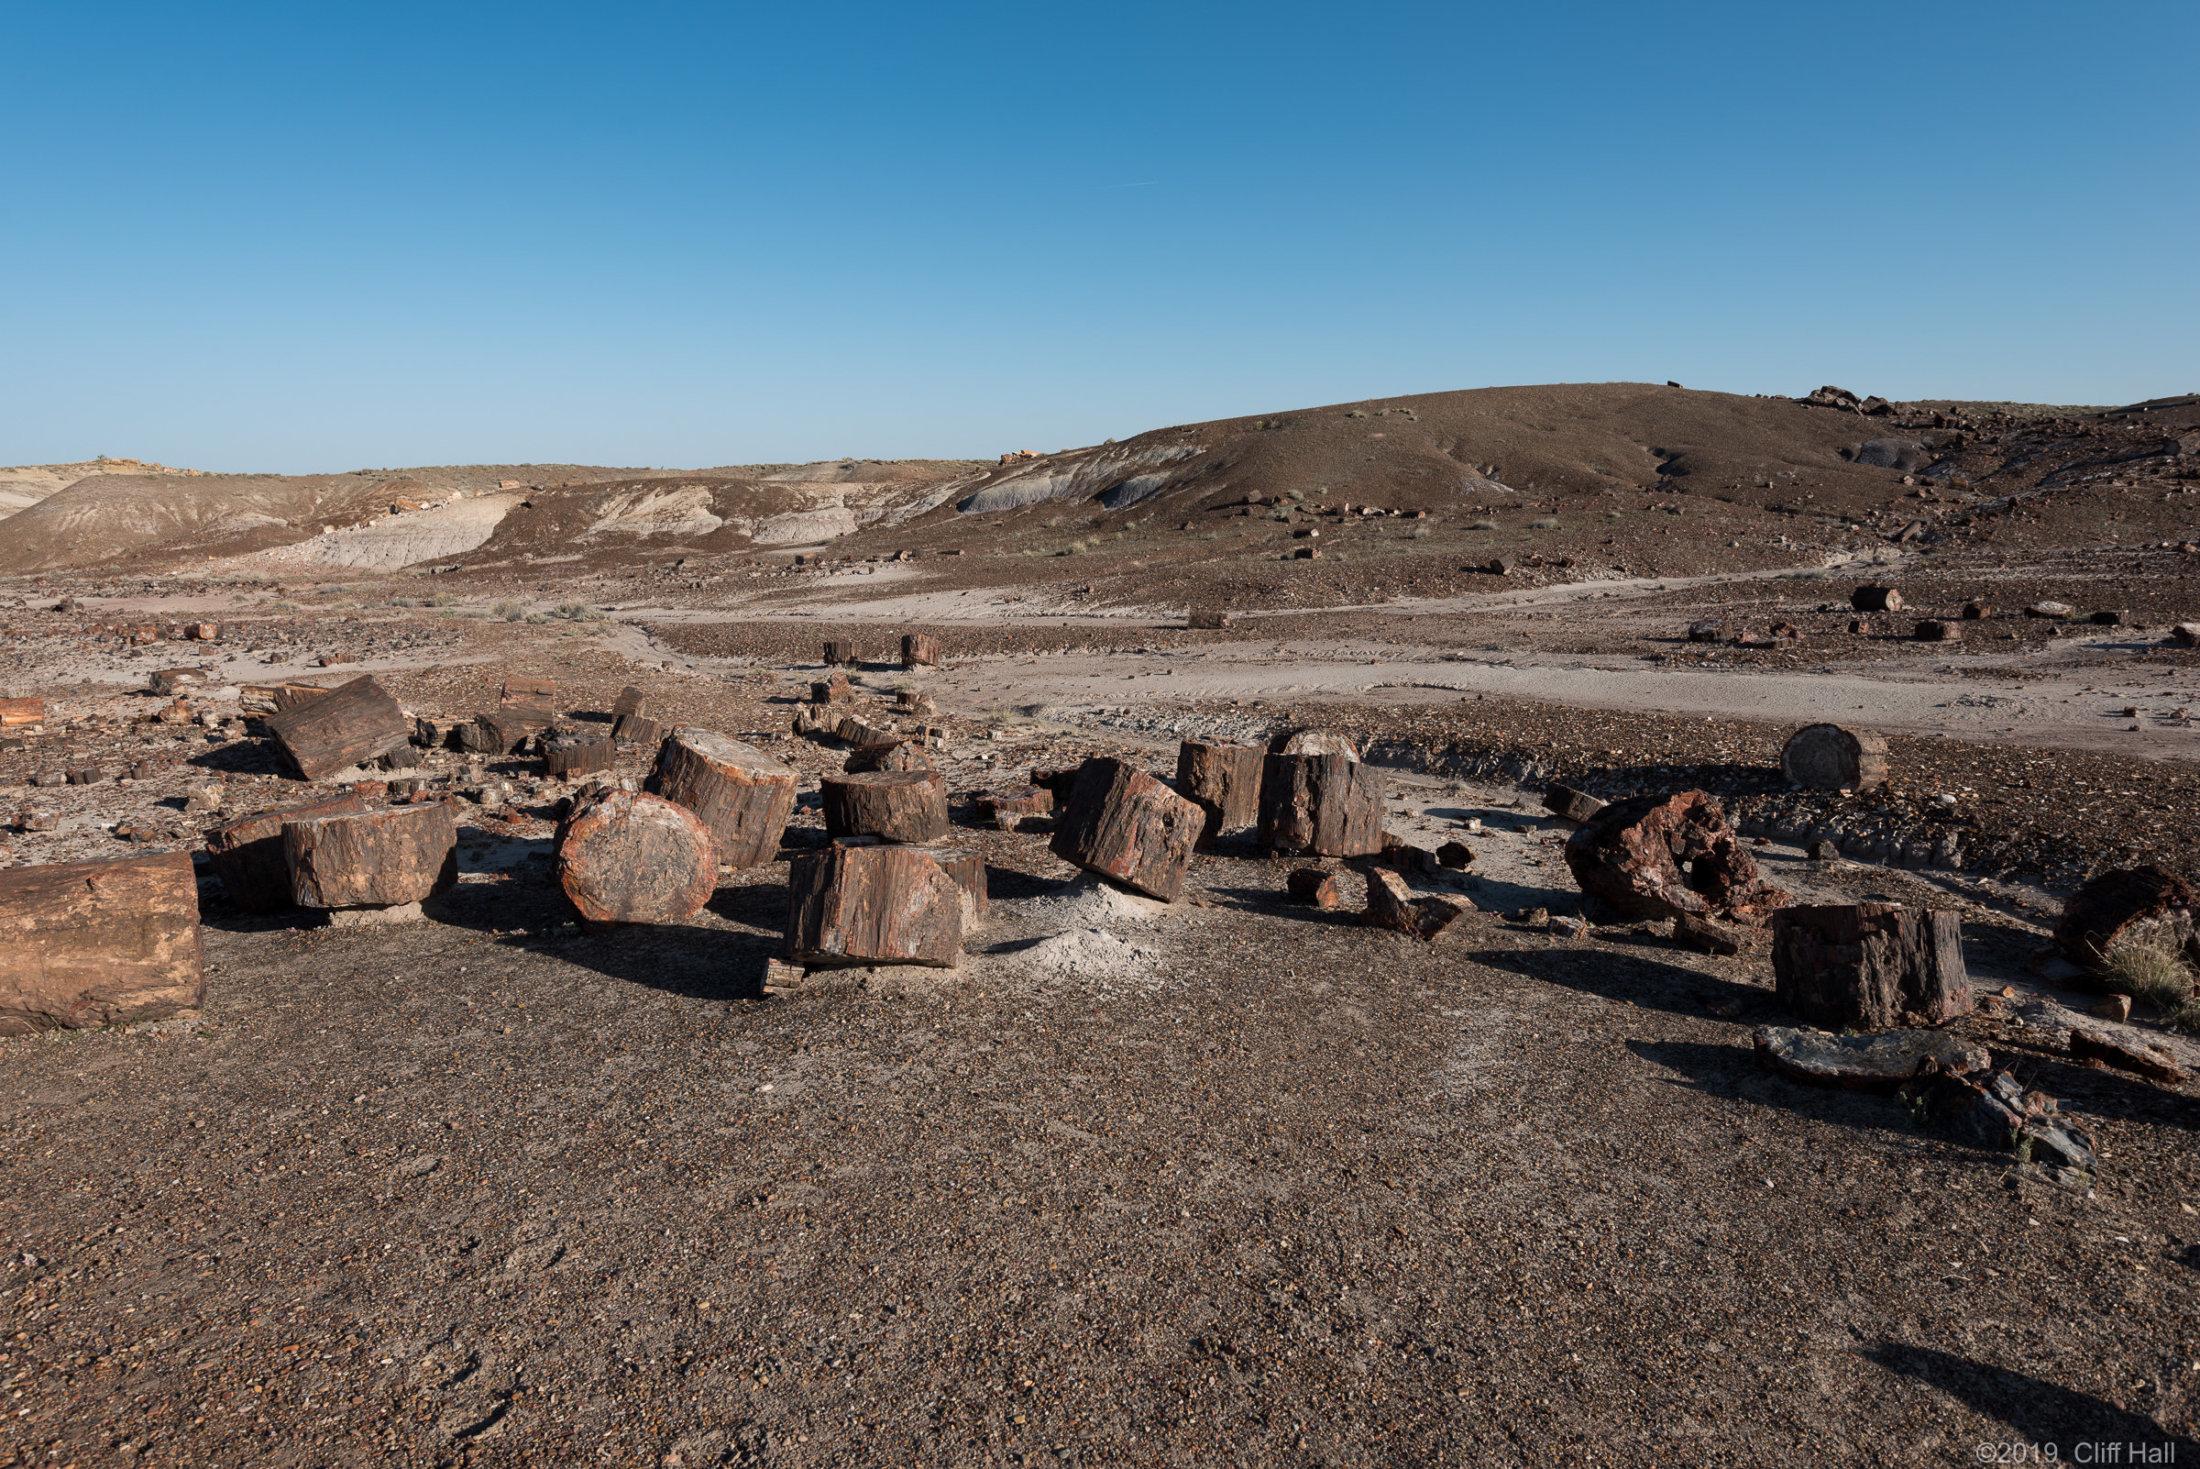 225 million year old firewood